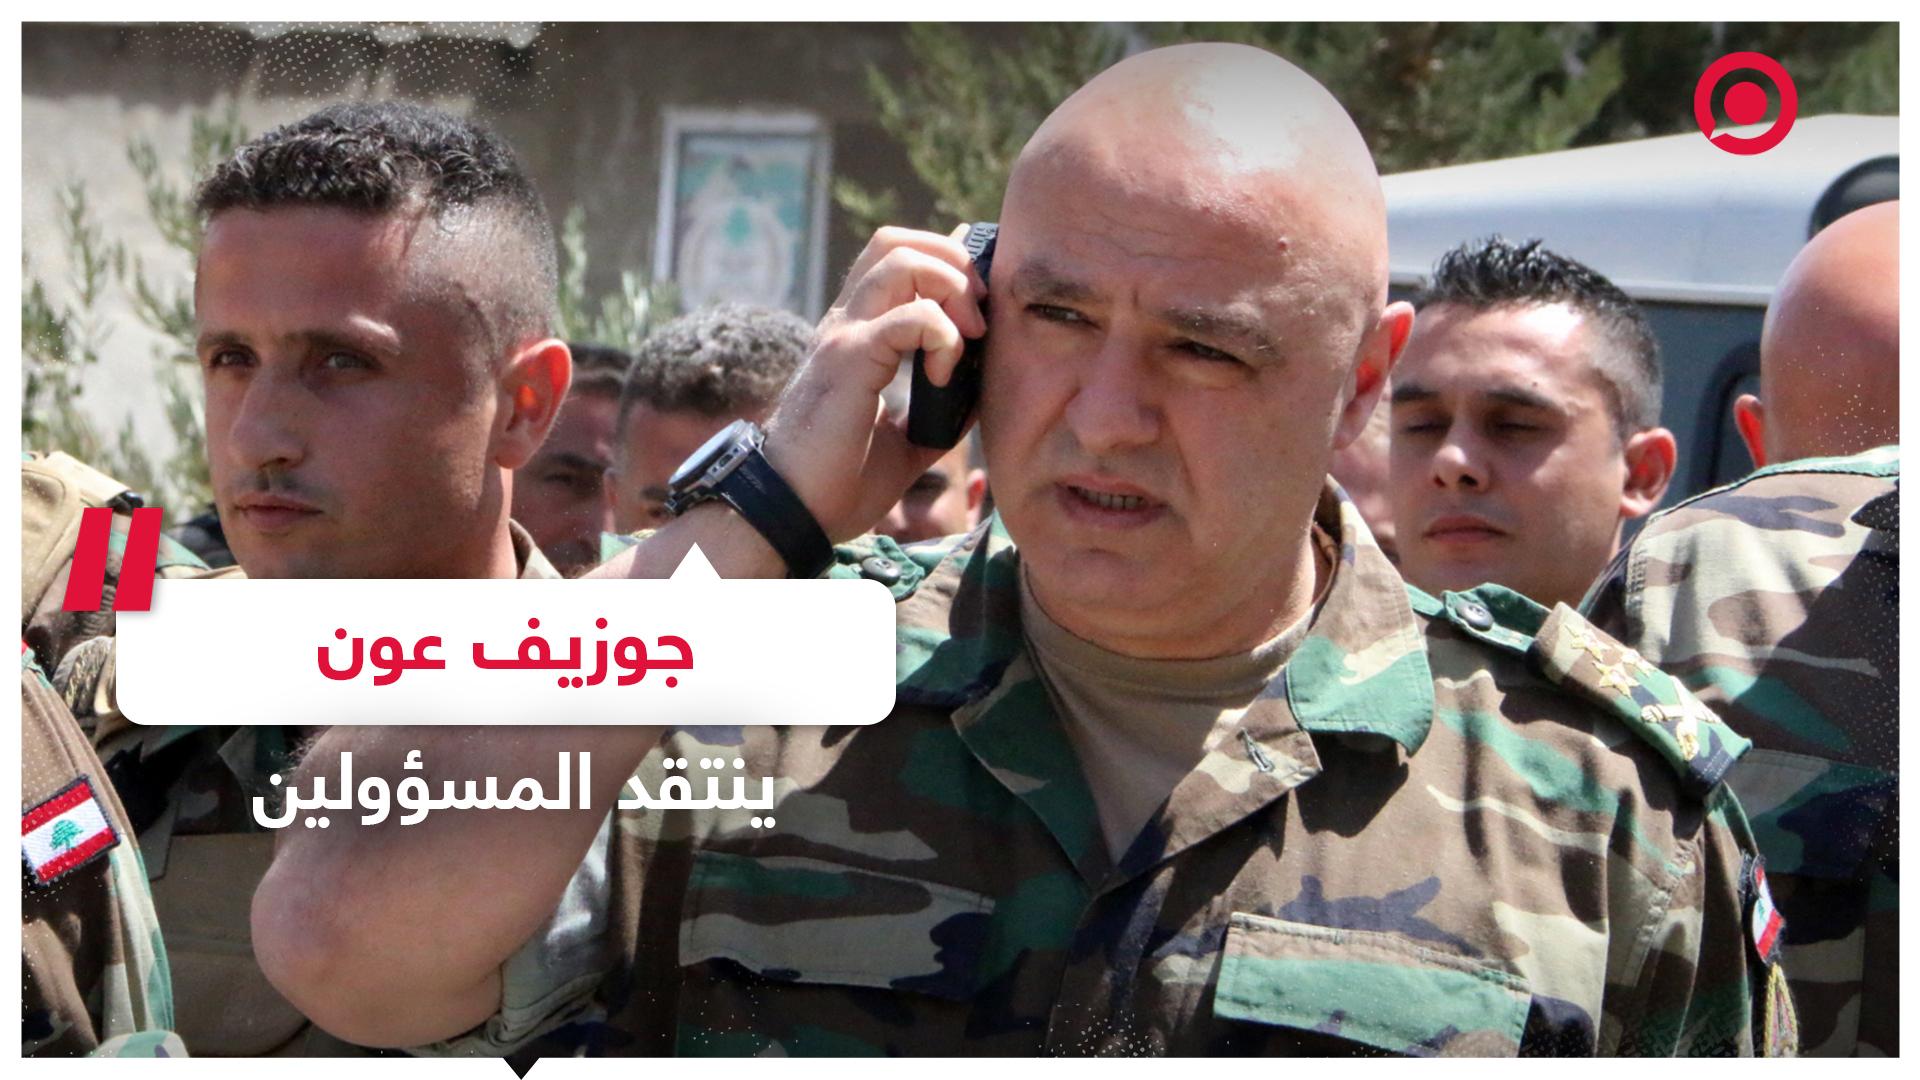 قائد الجيش اللبناني جوزيف عون ينتقد النخب السياسية